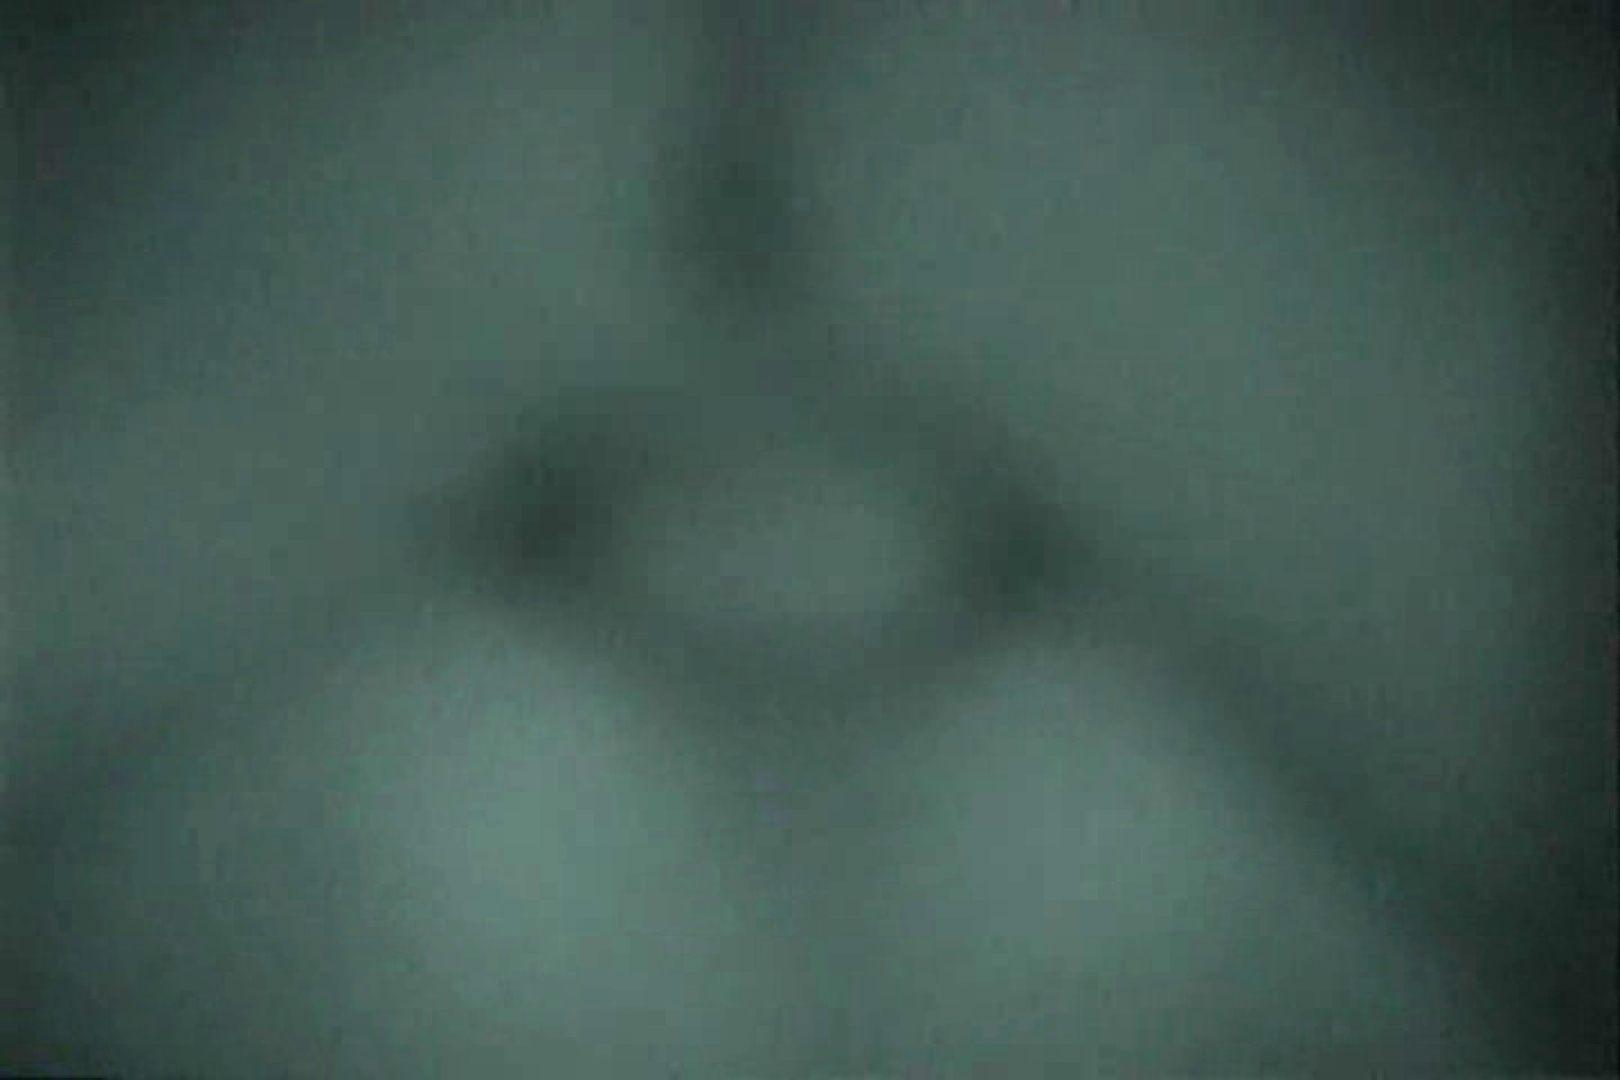 「充血監督」さんの深夜の運動会!! vol.124 セックスシーン AV動画キャプチャ 70枚